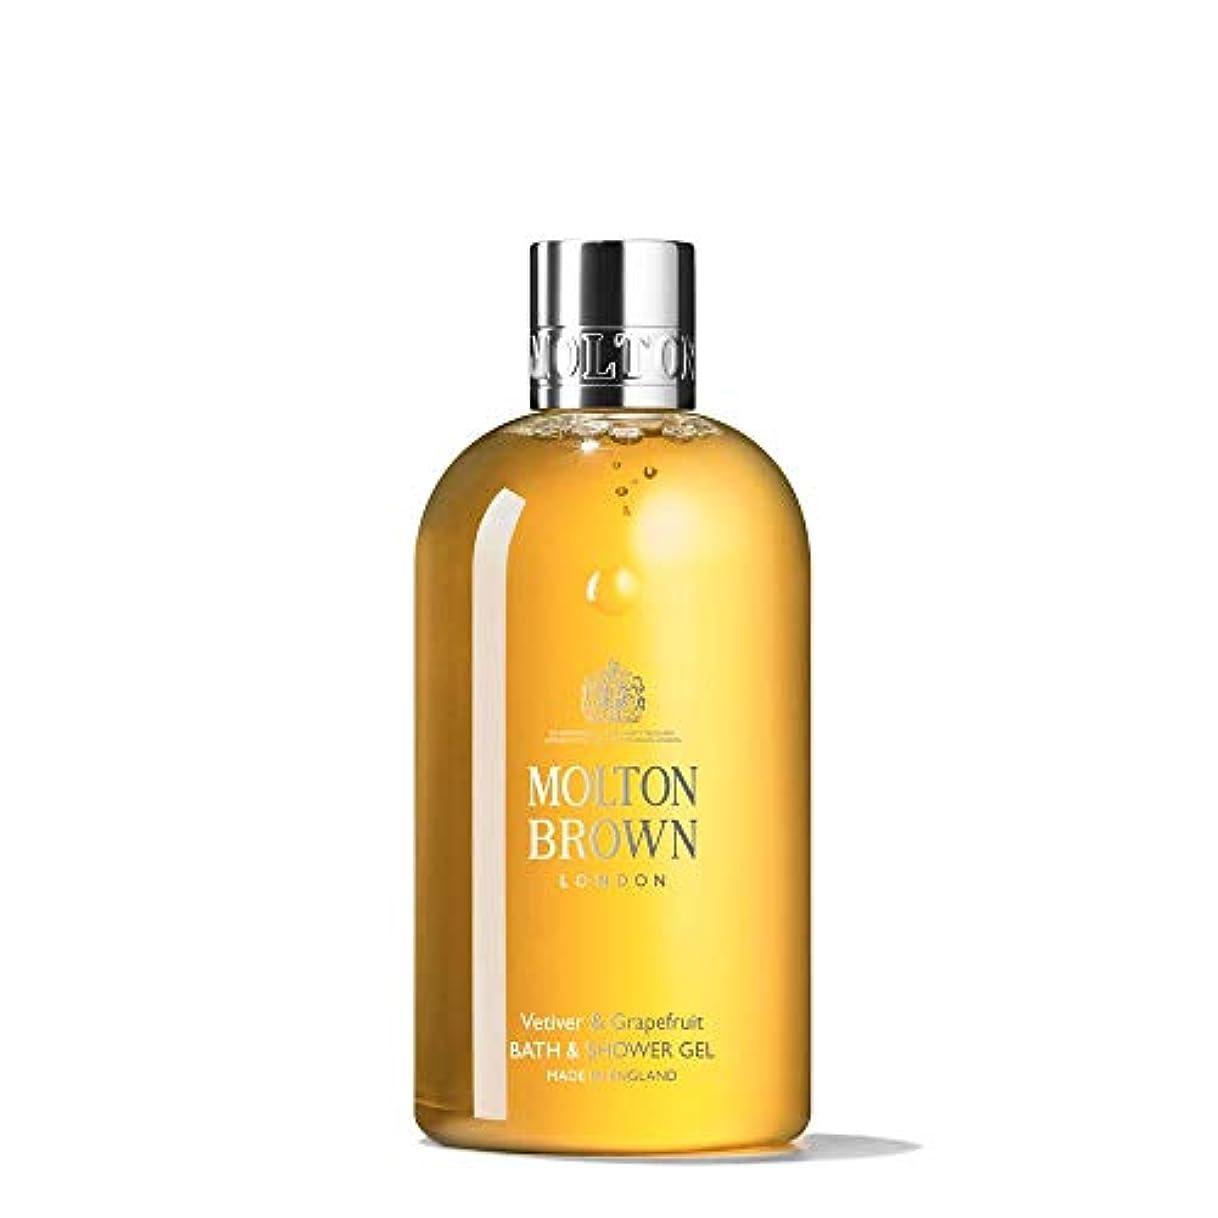 添加剤恐ろしい涙が出るMOLTON BROWN(モルトンブラウン) ベチバー&グレープフルーツ コレクション V&G バス&シャワージェル